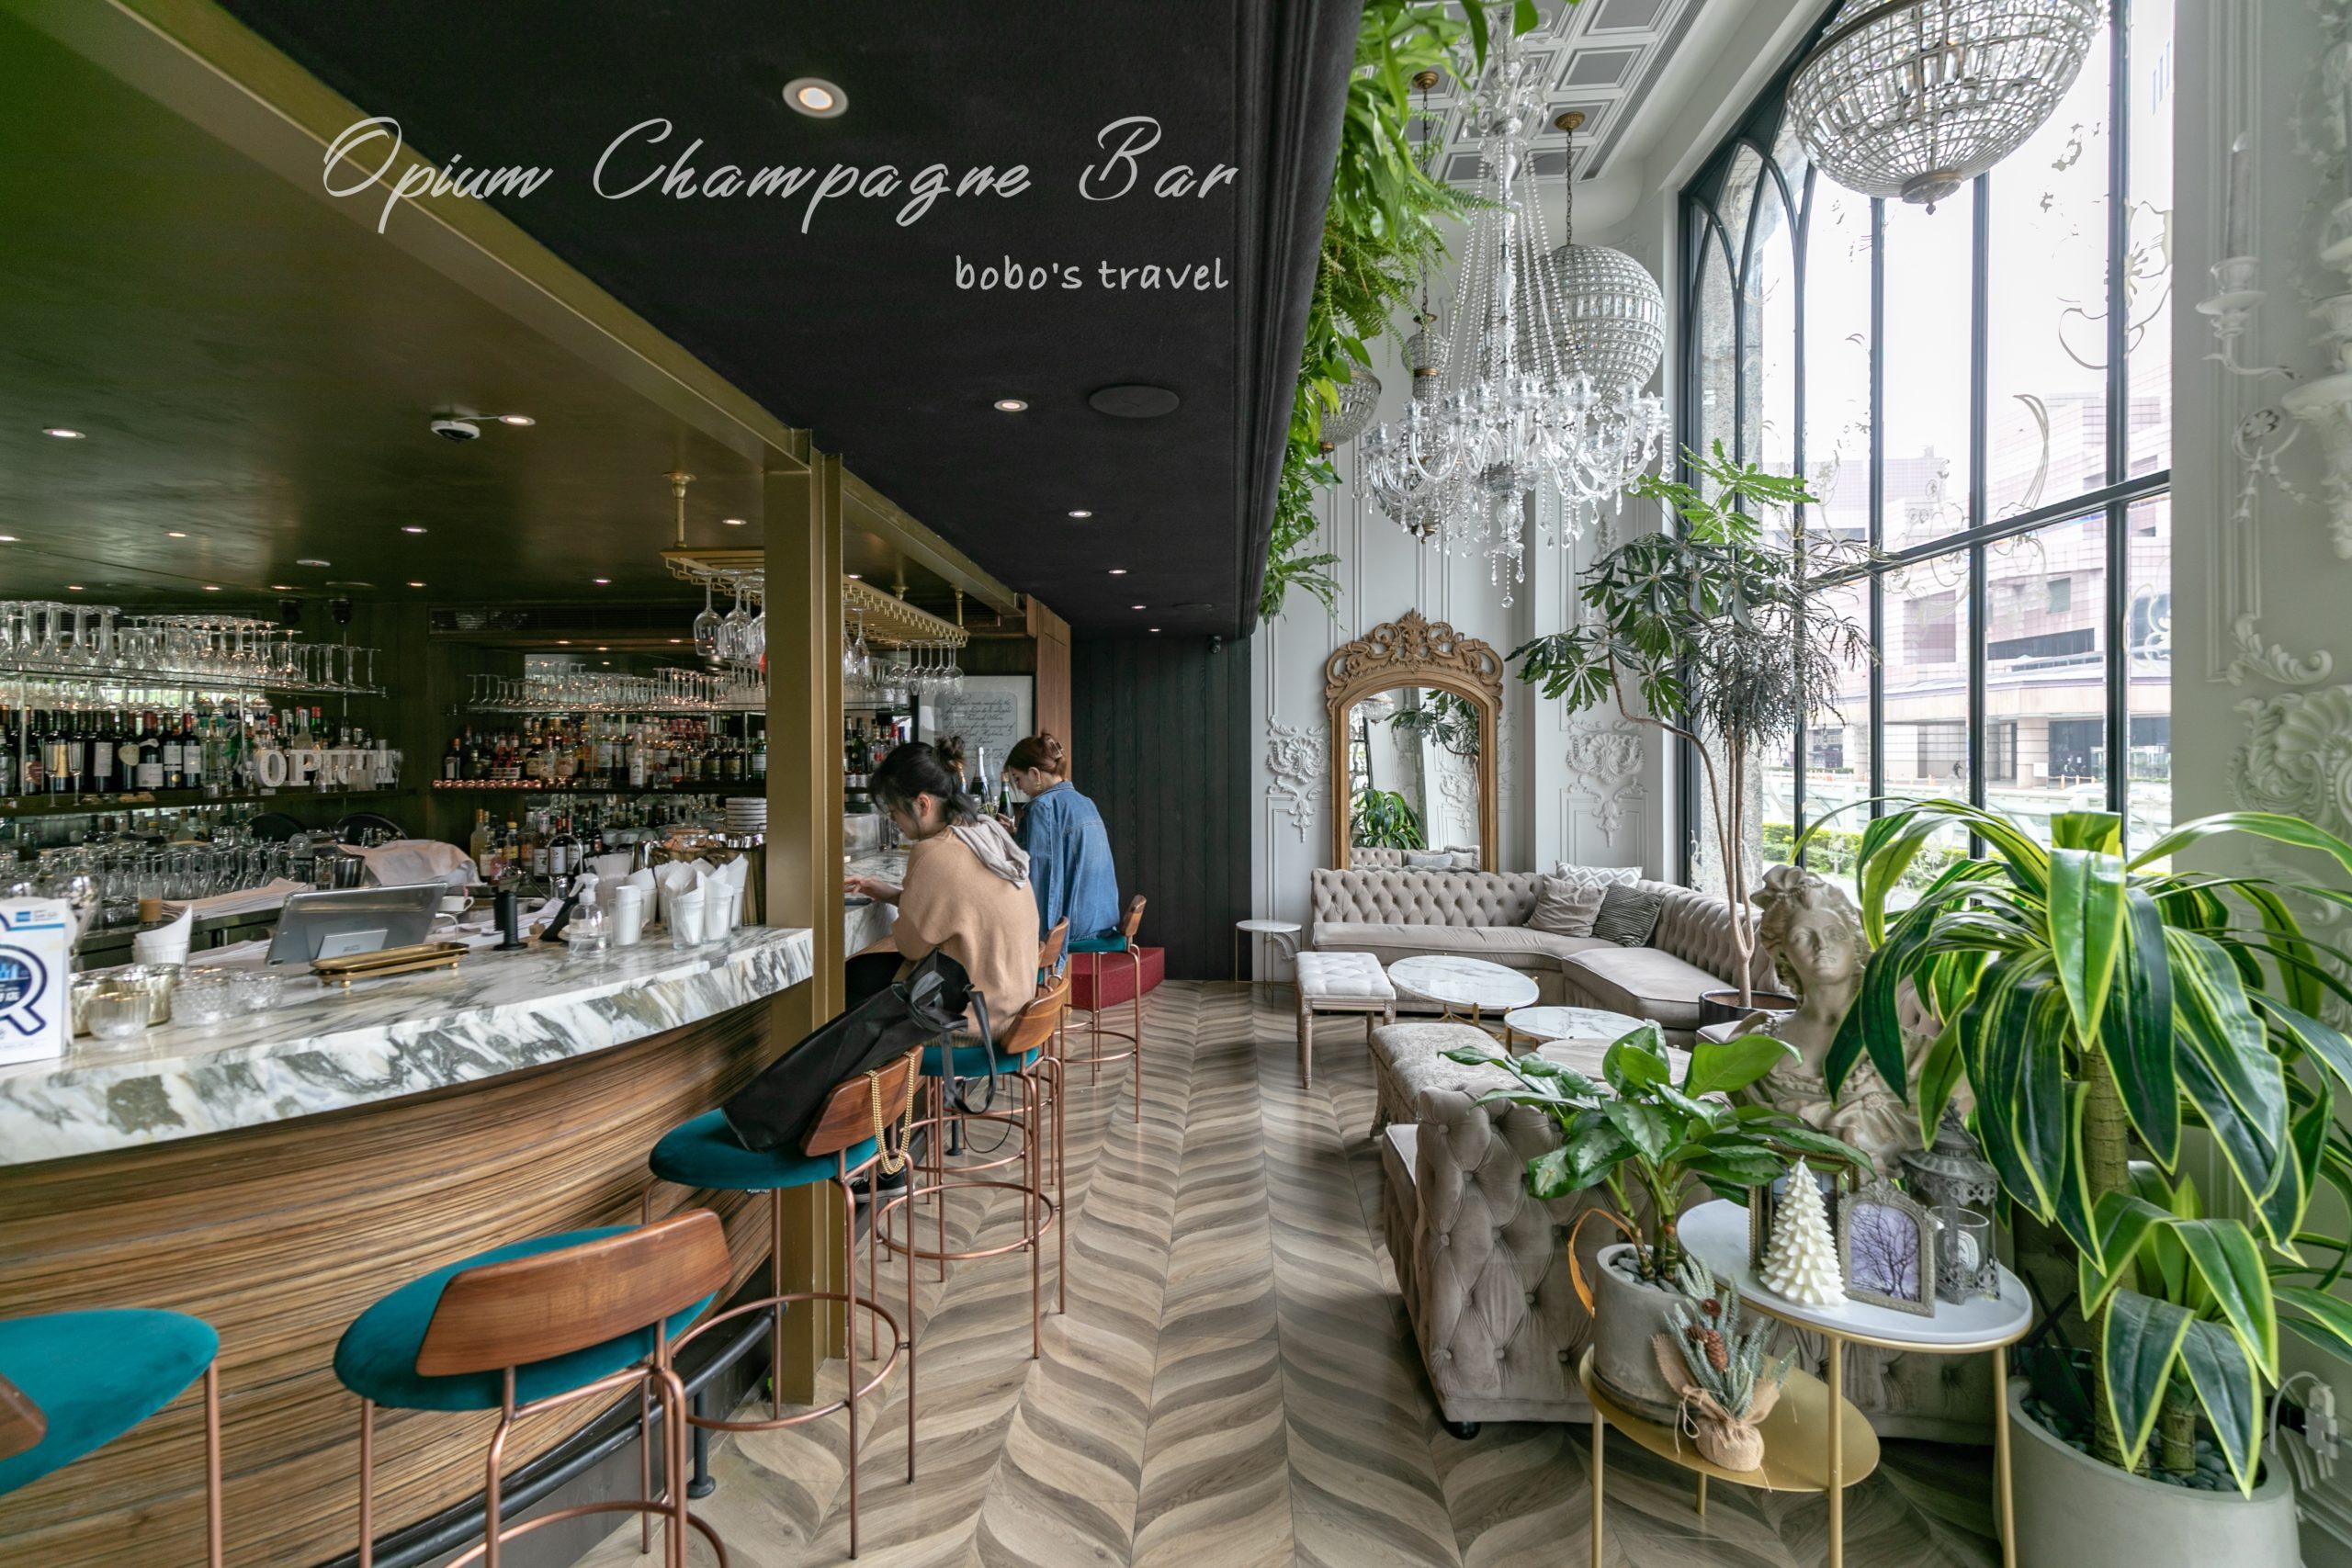 Opium Champagne Bar、台北下午茶|藏身信義區巴黎風「下午酒」,浪漫法式風情香檳酒吧